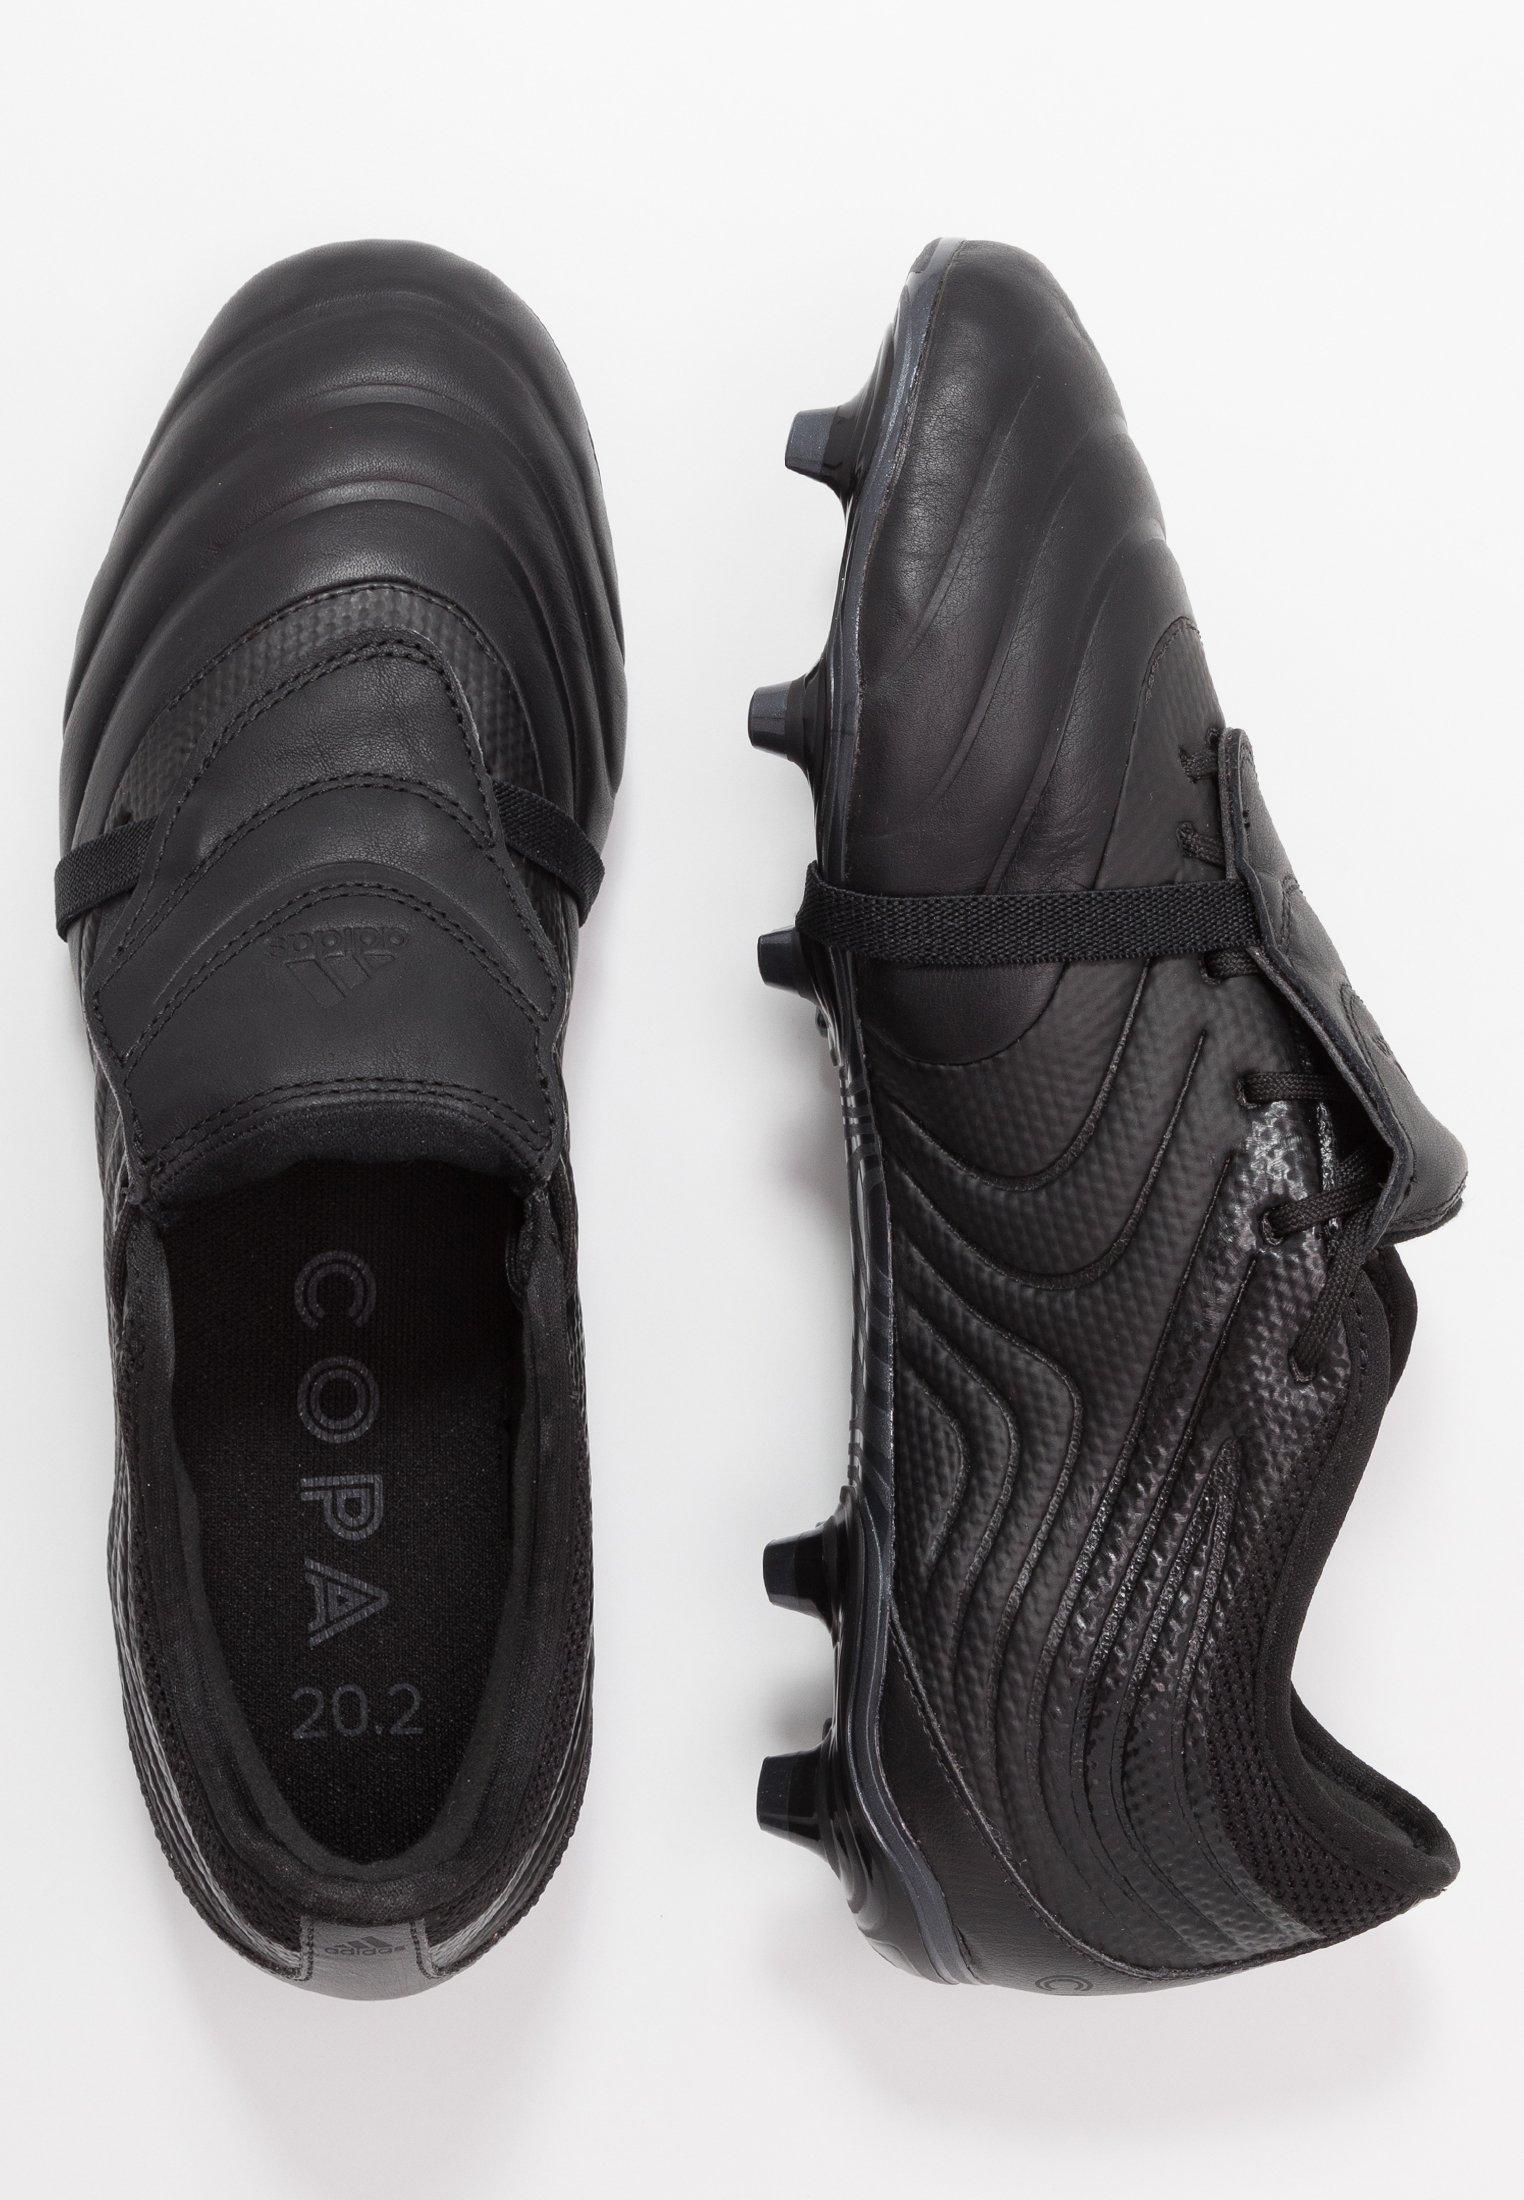 Adidas Performance Copa Gloro 20.2 Fg - Scarpe Da Calcetto Con Tacchetti Core Black/dough Solid Grey 5i0ufhA